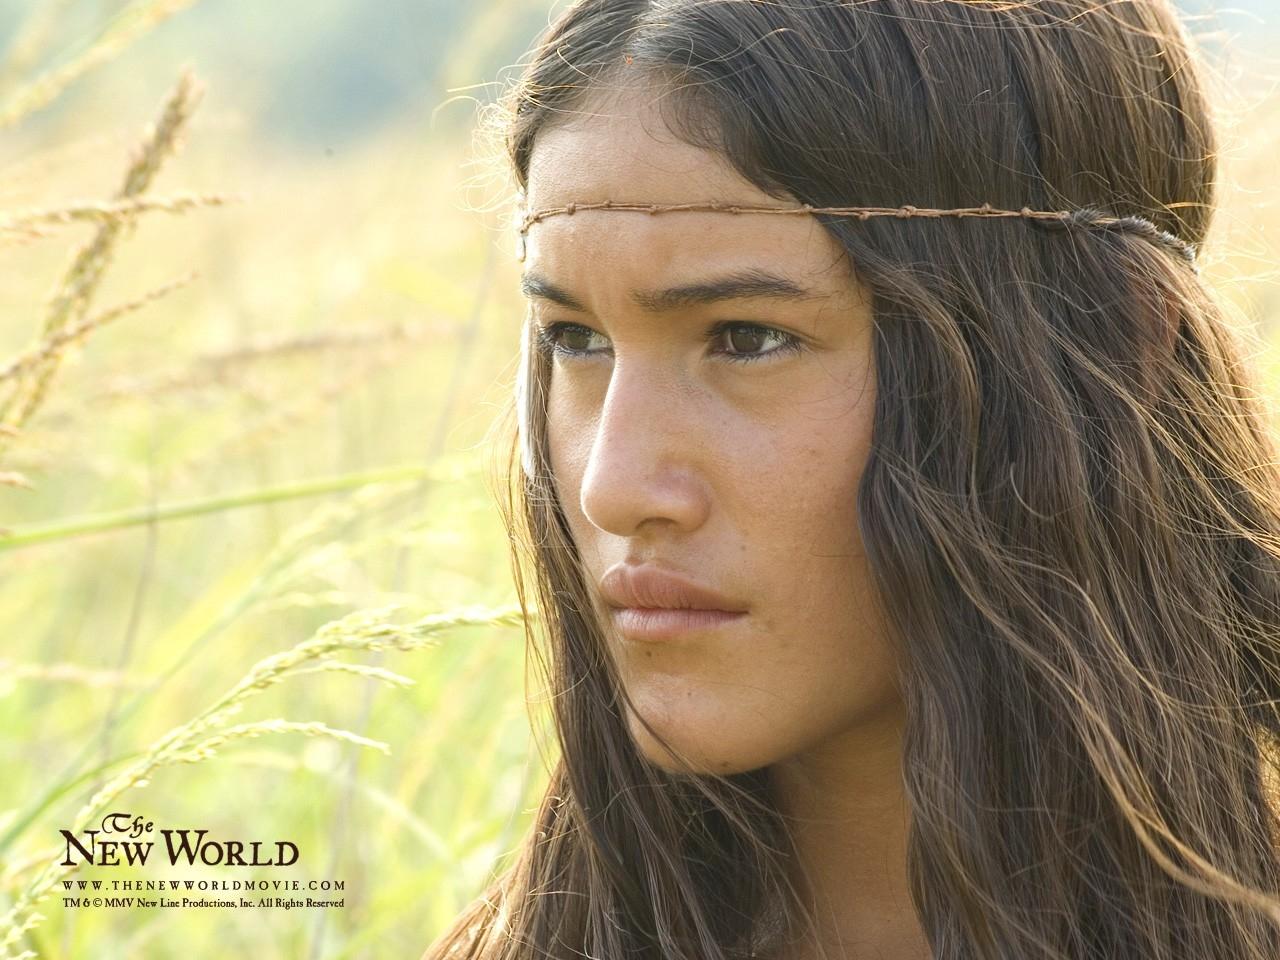 Wallpaper del film The New World